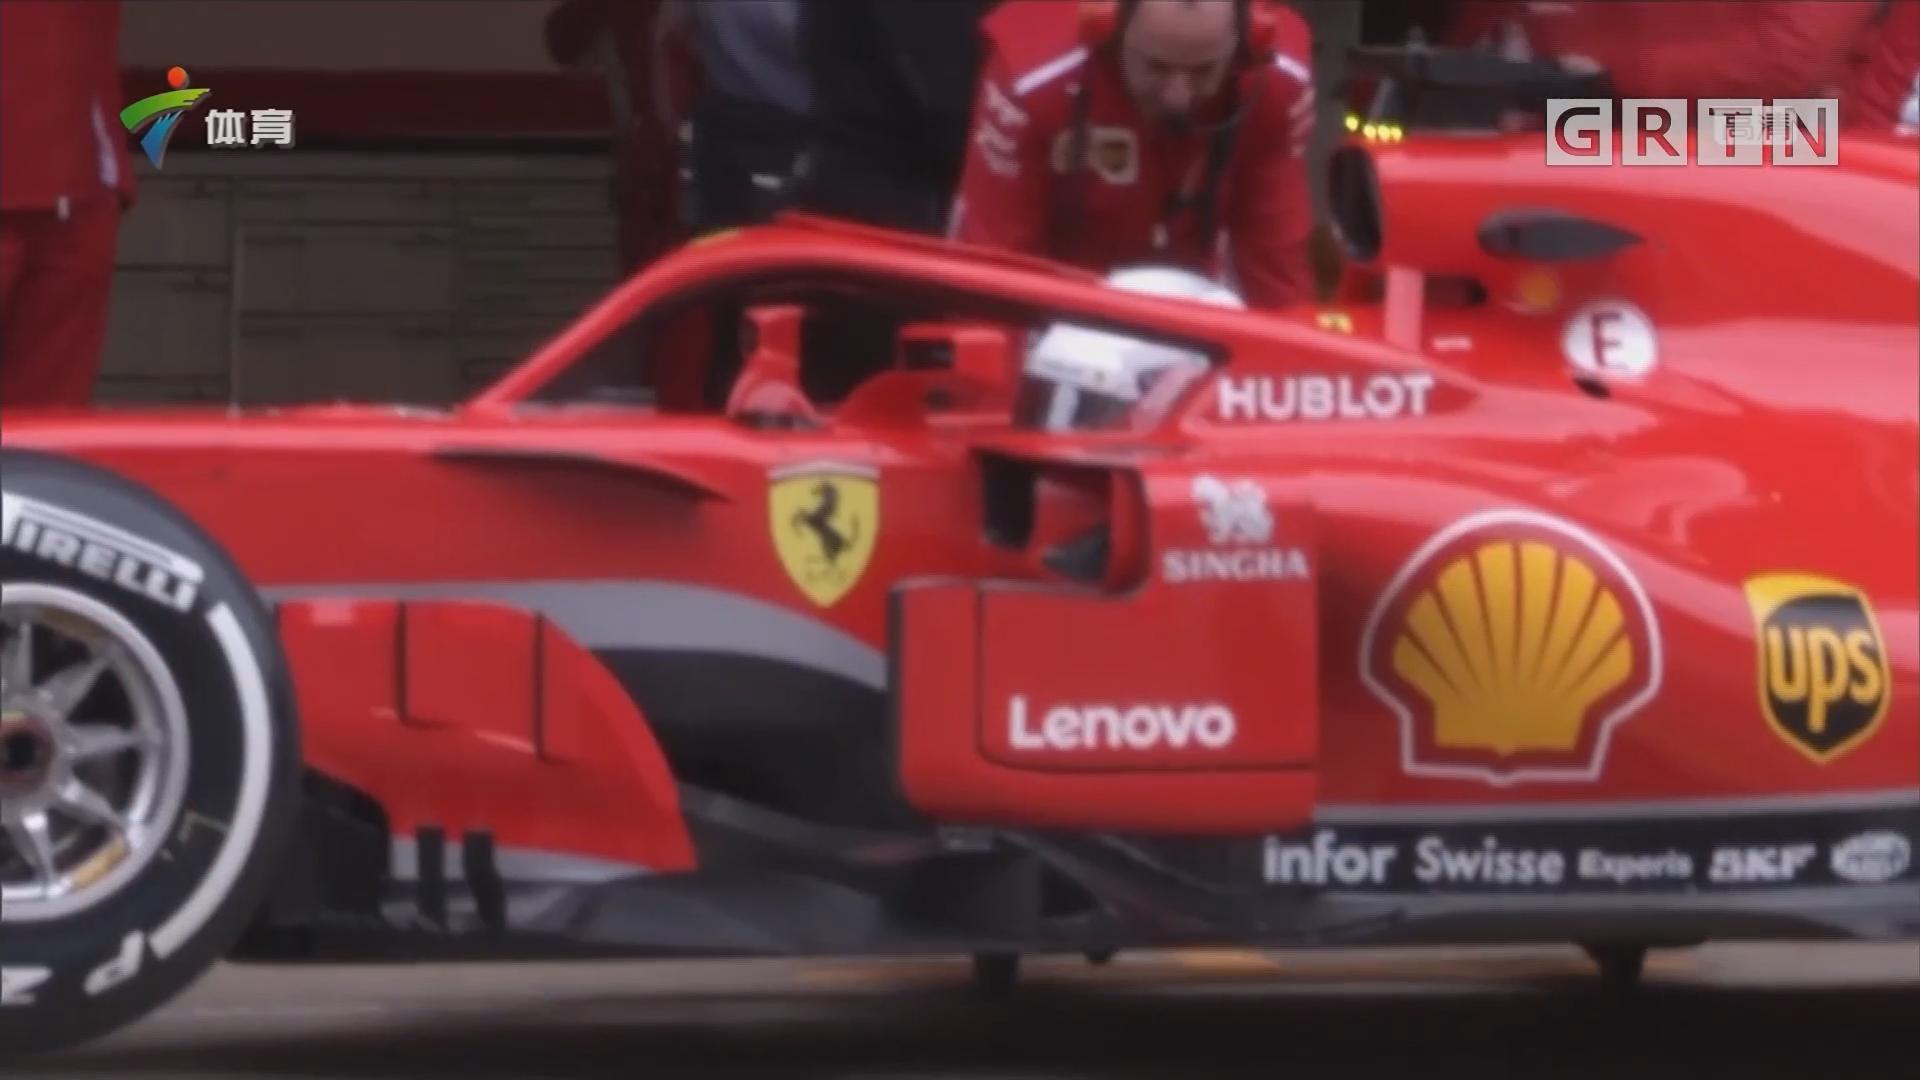 F1巴塞罗那测试次日 维特尔刷最快圈速